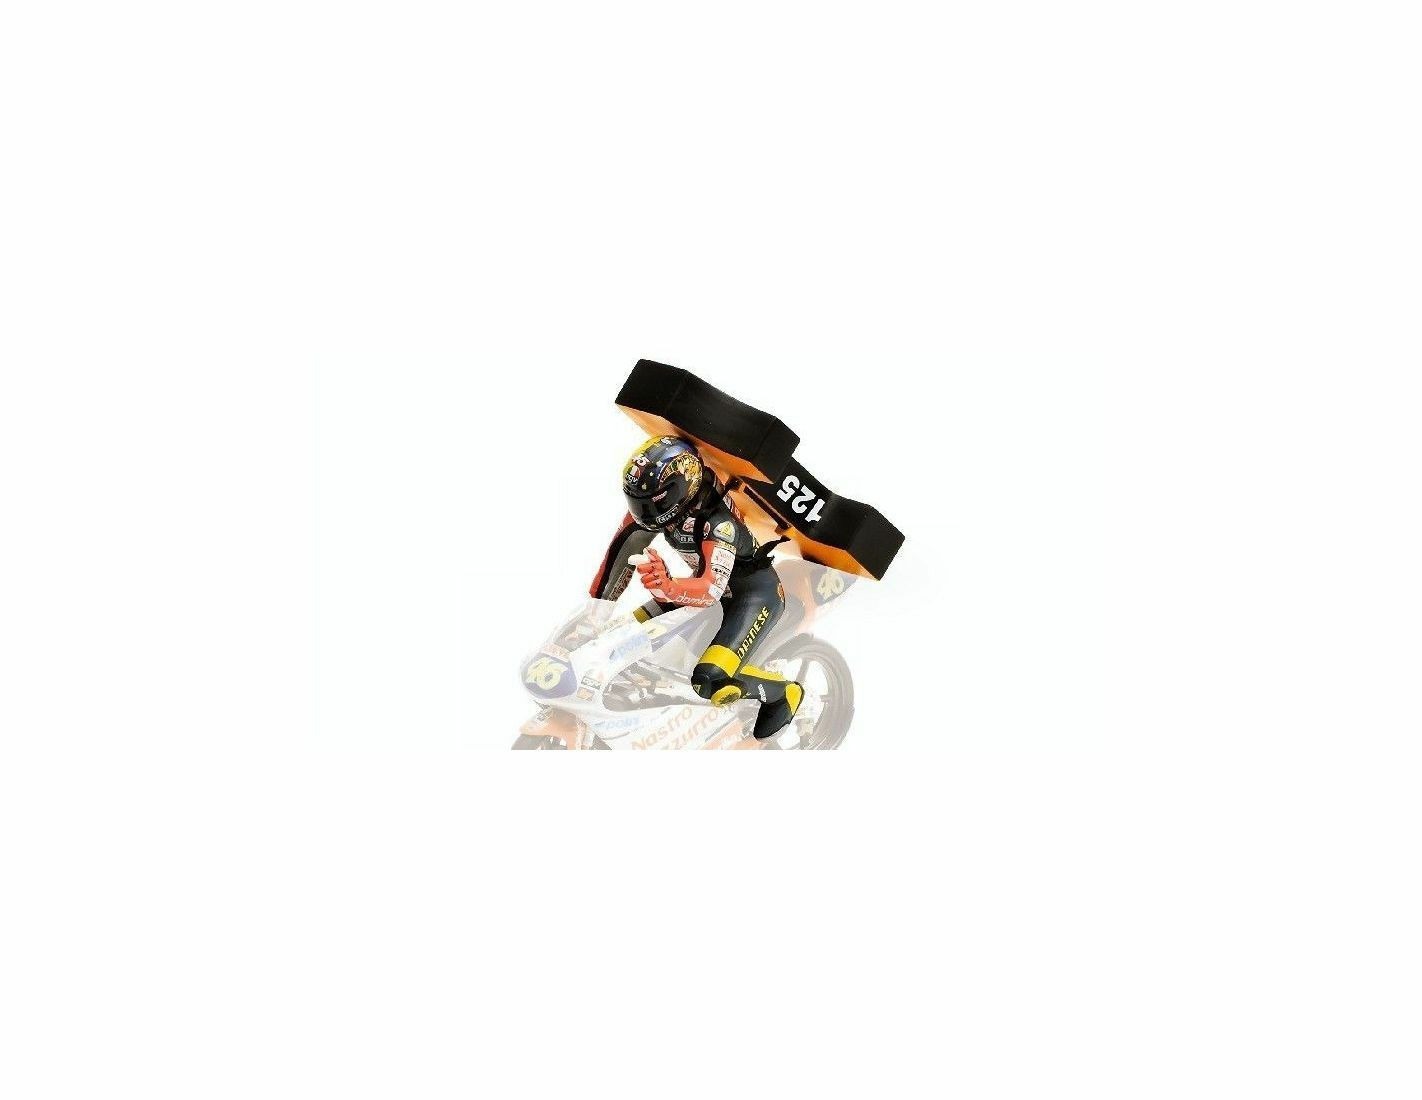 Minichamps PM312970246 FIGURA V.ROSSI 1997 BRNO 1st WORLD CHAMPIONSHIP 1 12 Mode